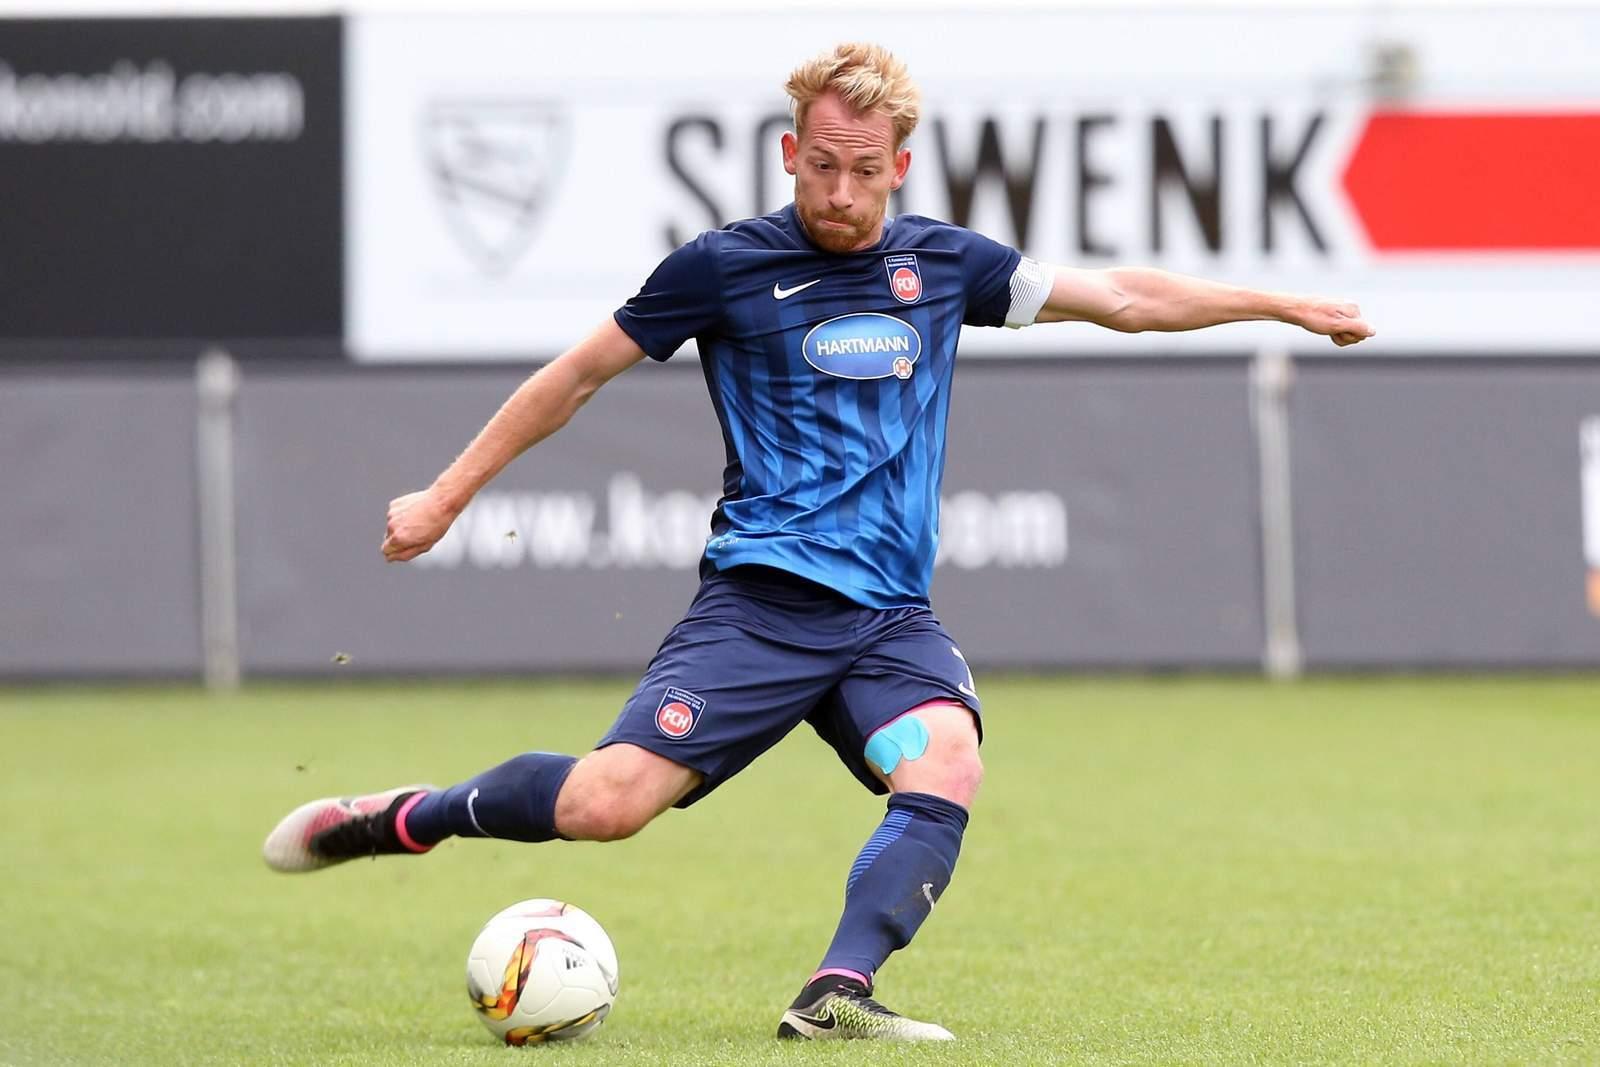 Marc Schnatterer, Freistoß-Experte des 1. FC Heidenheim.